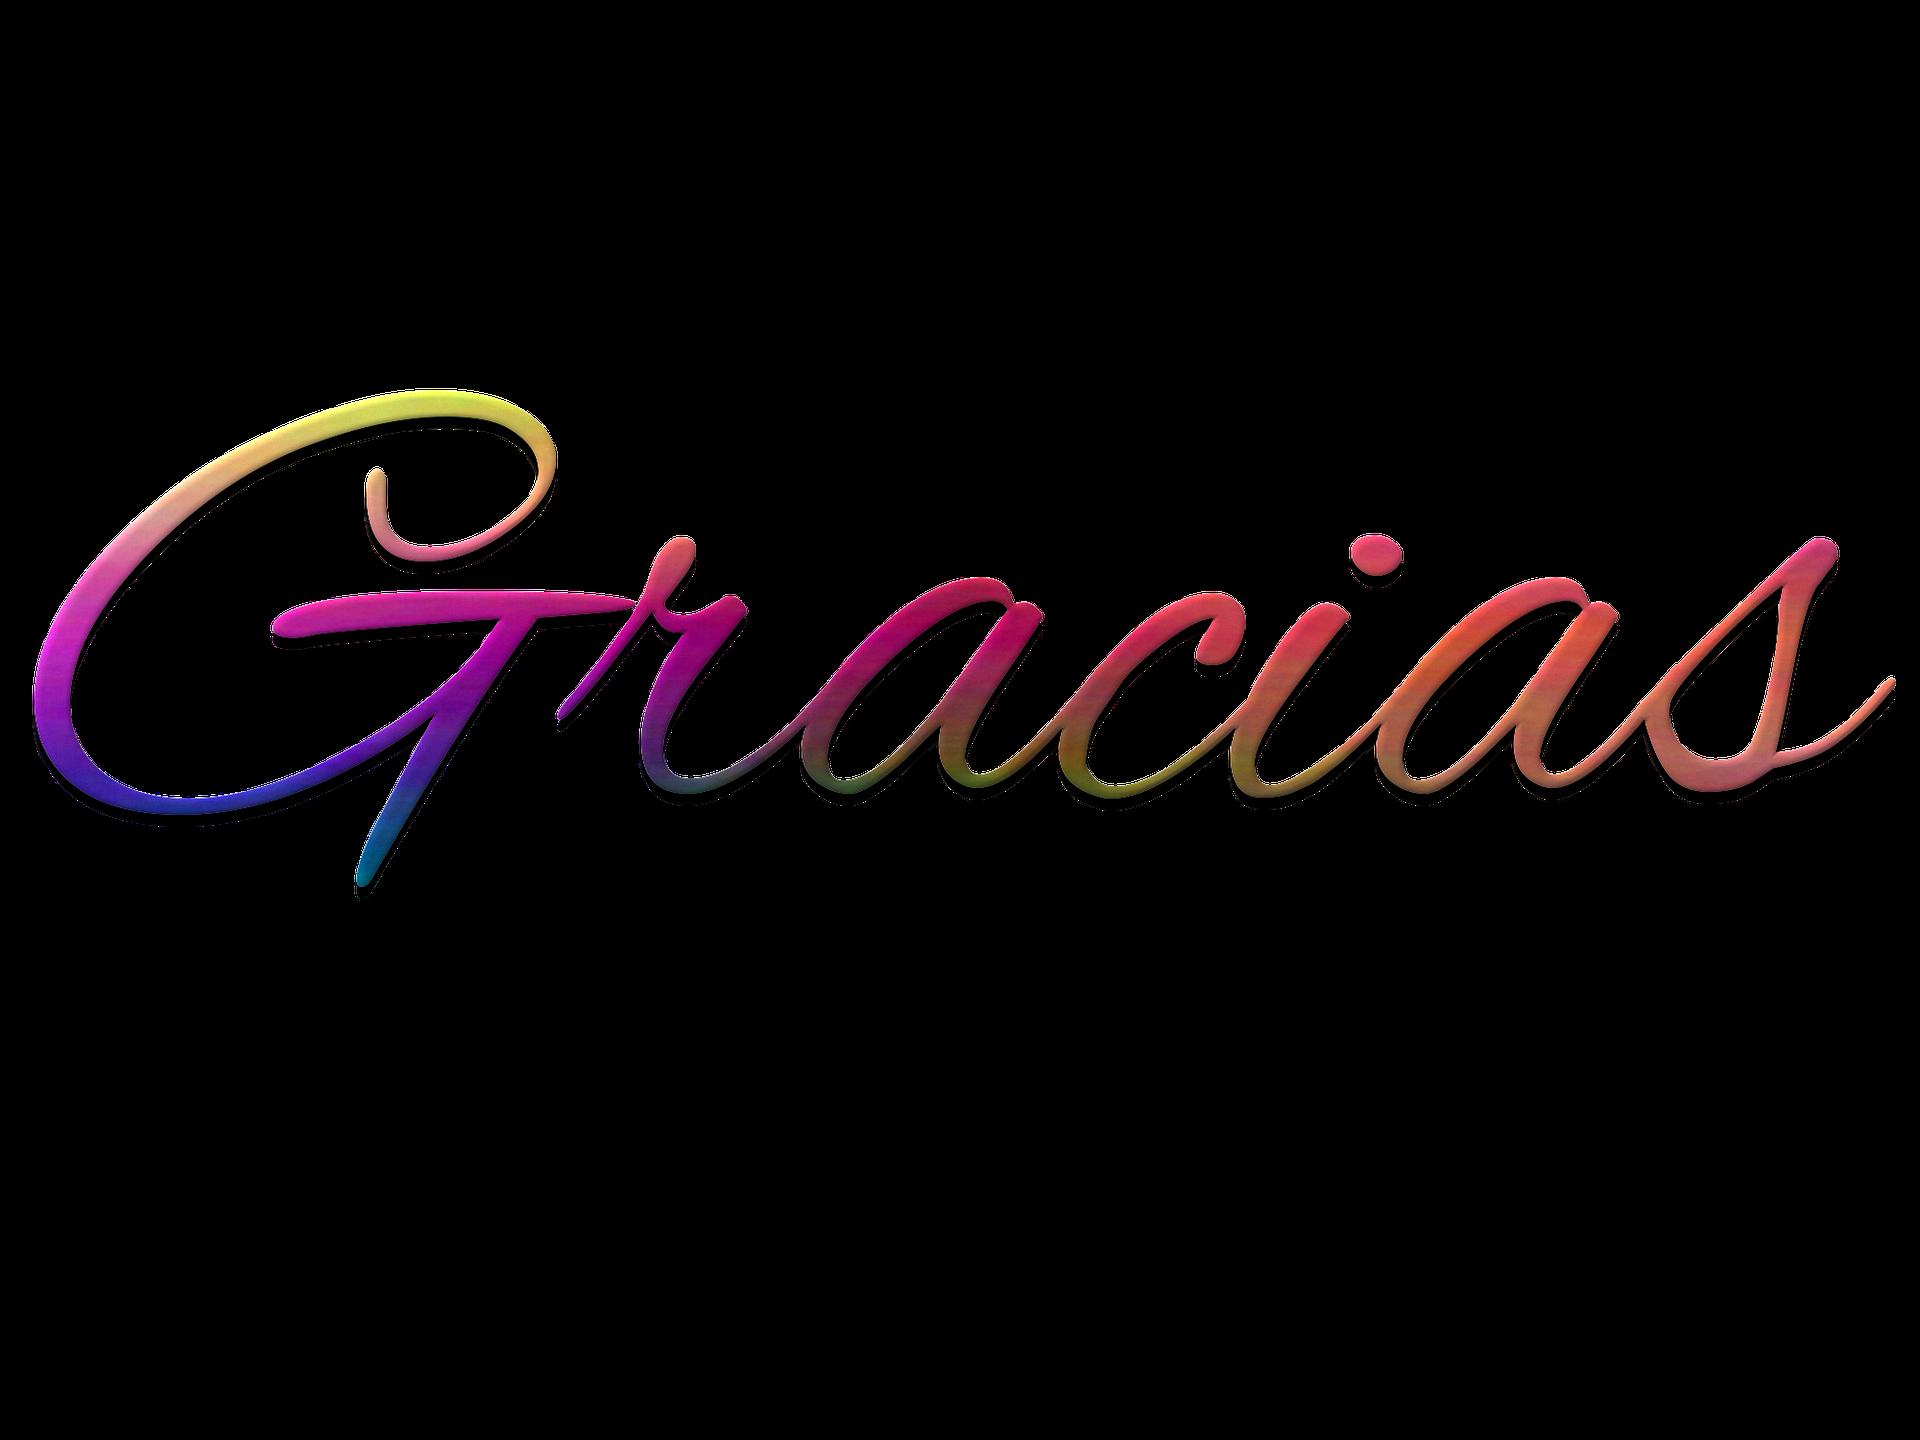 スペイン語, 需要, 学ぶ, 価値, 将来性